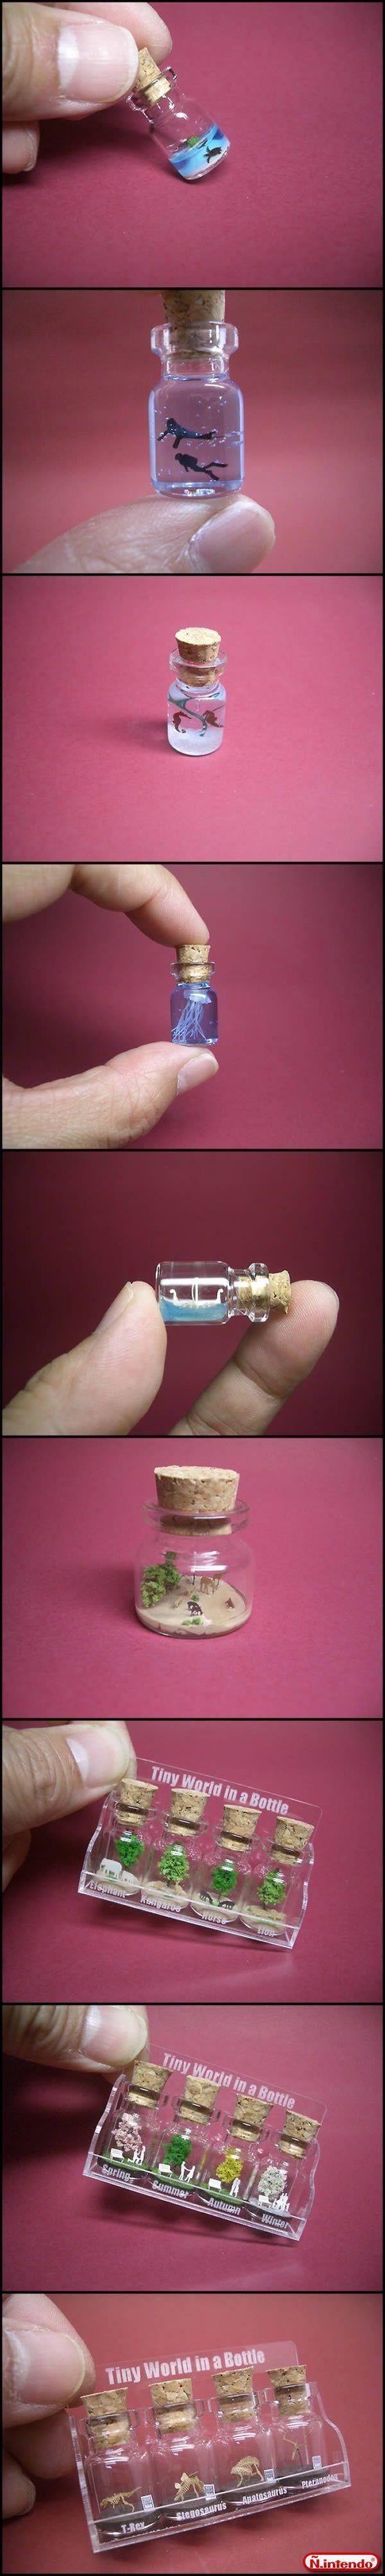 mini art in a bottle - Não Intendo                                                                                                                                                                                 More #pingentes #pendants #pendientes